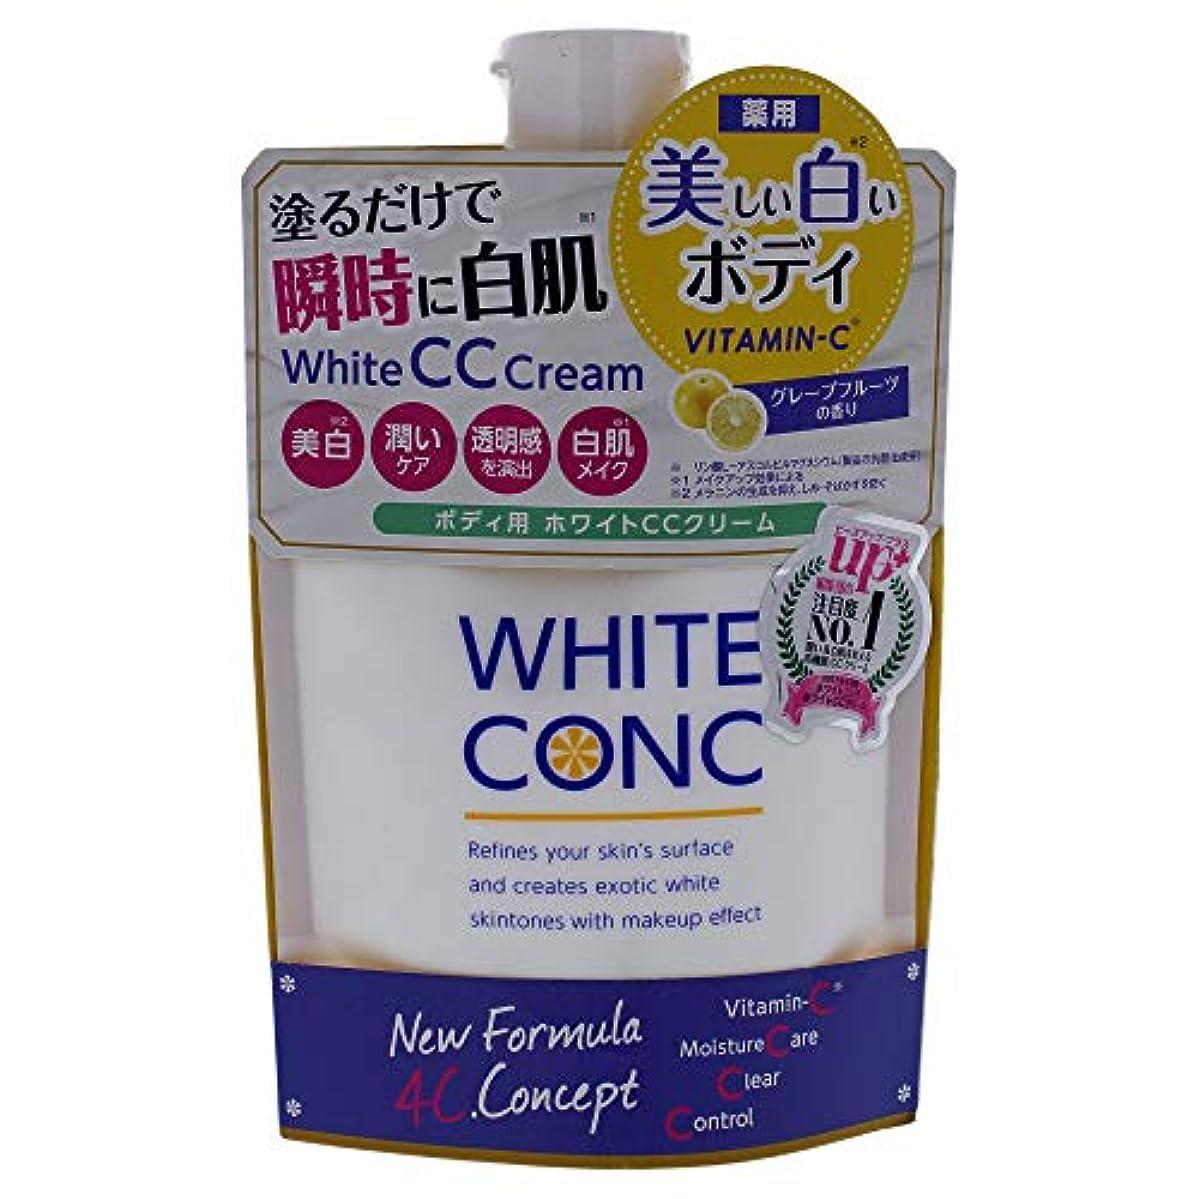 エクスタシー繰り返すコーナー薬用ホワイトコンク ホワイトニングCCクリーム CII 200g